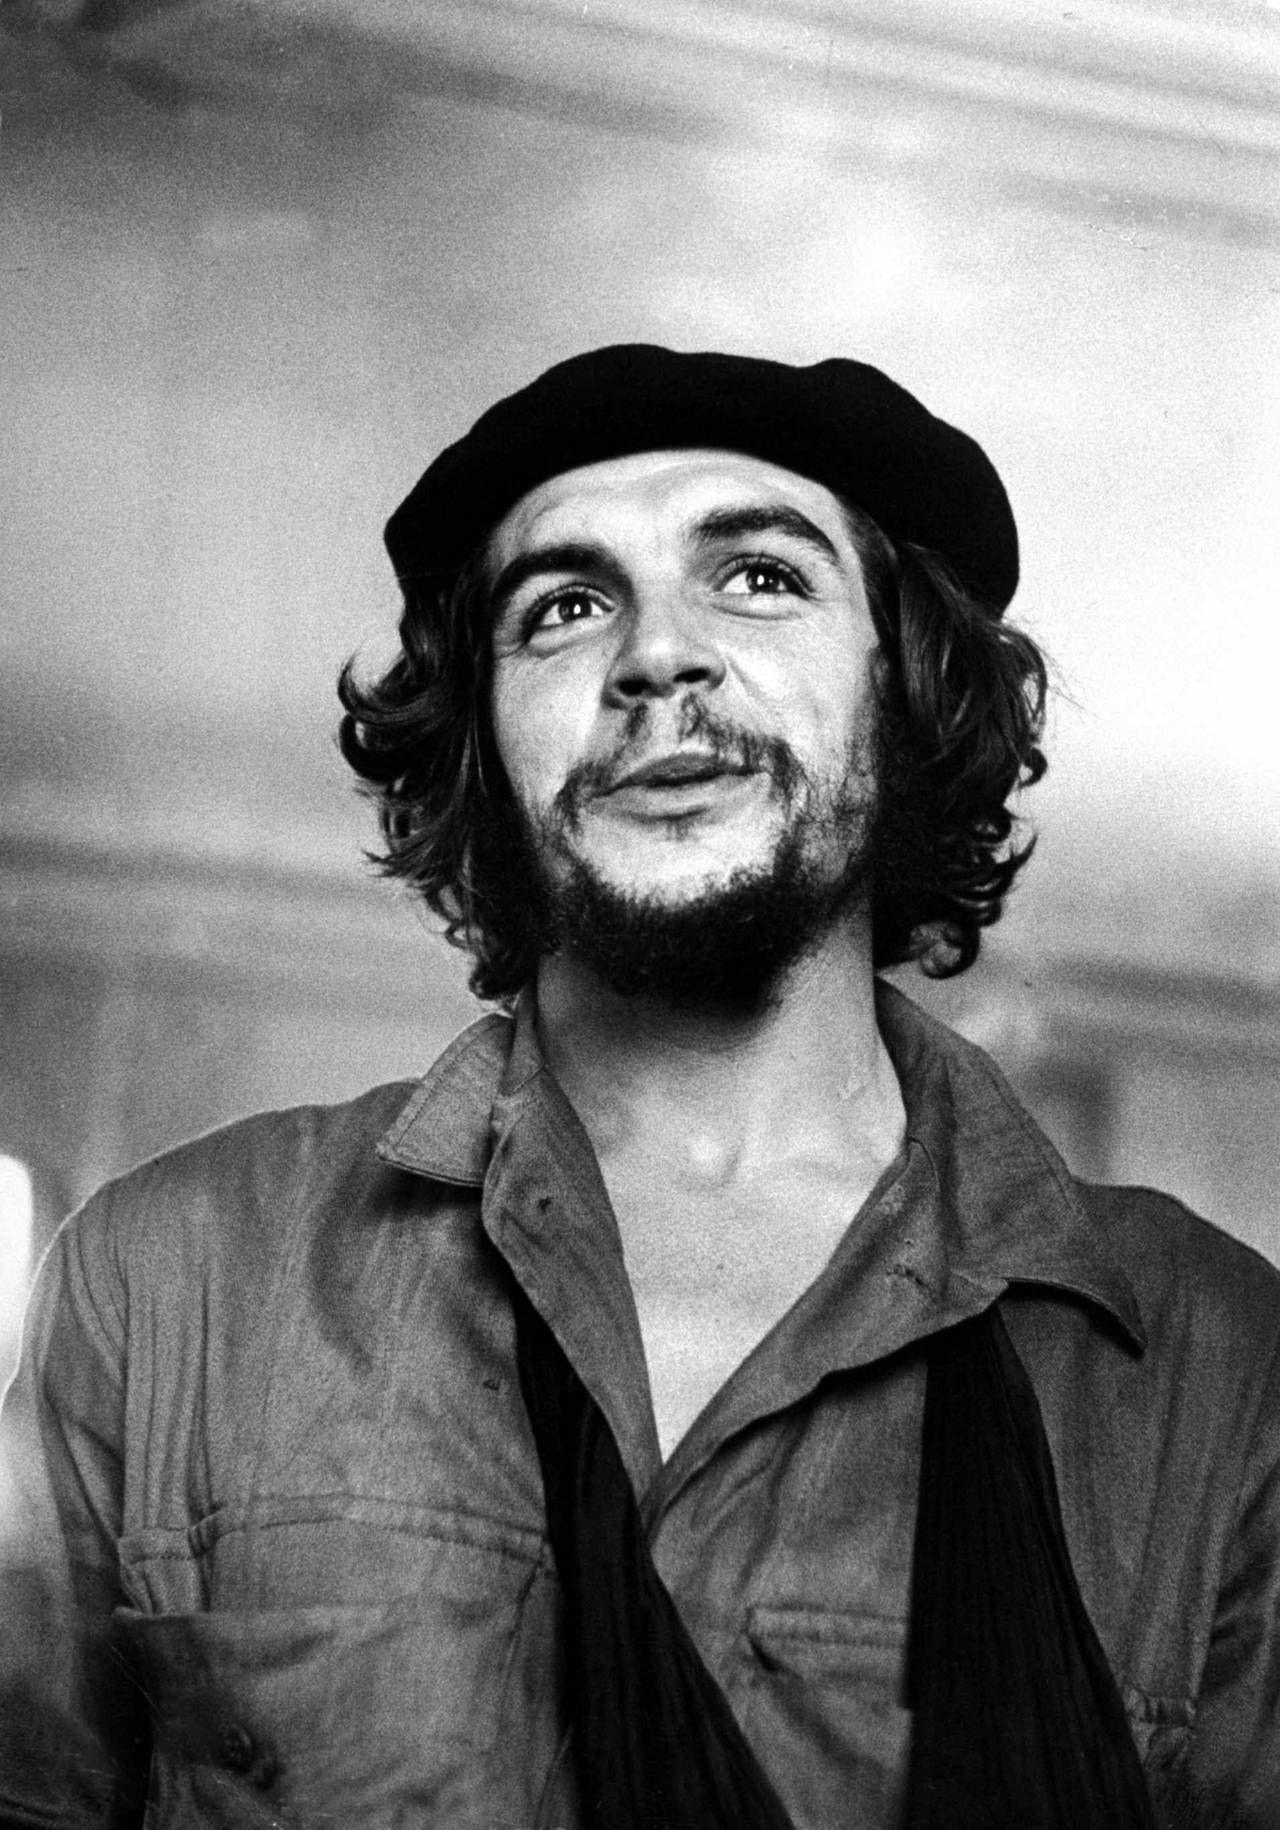 Che Guevara | Tumblr #cheguevara Che Guevara | Tumblr #cheguevara